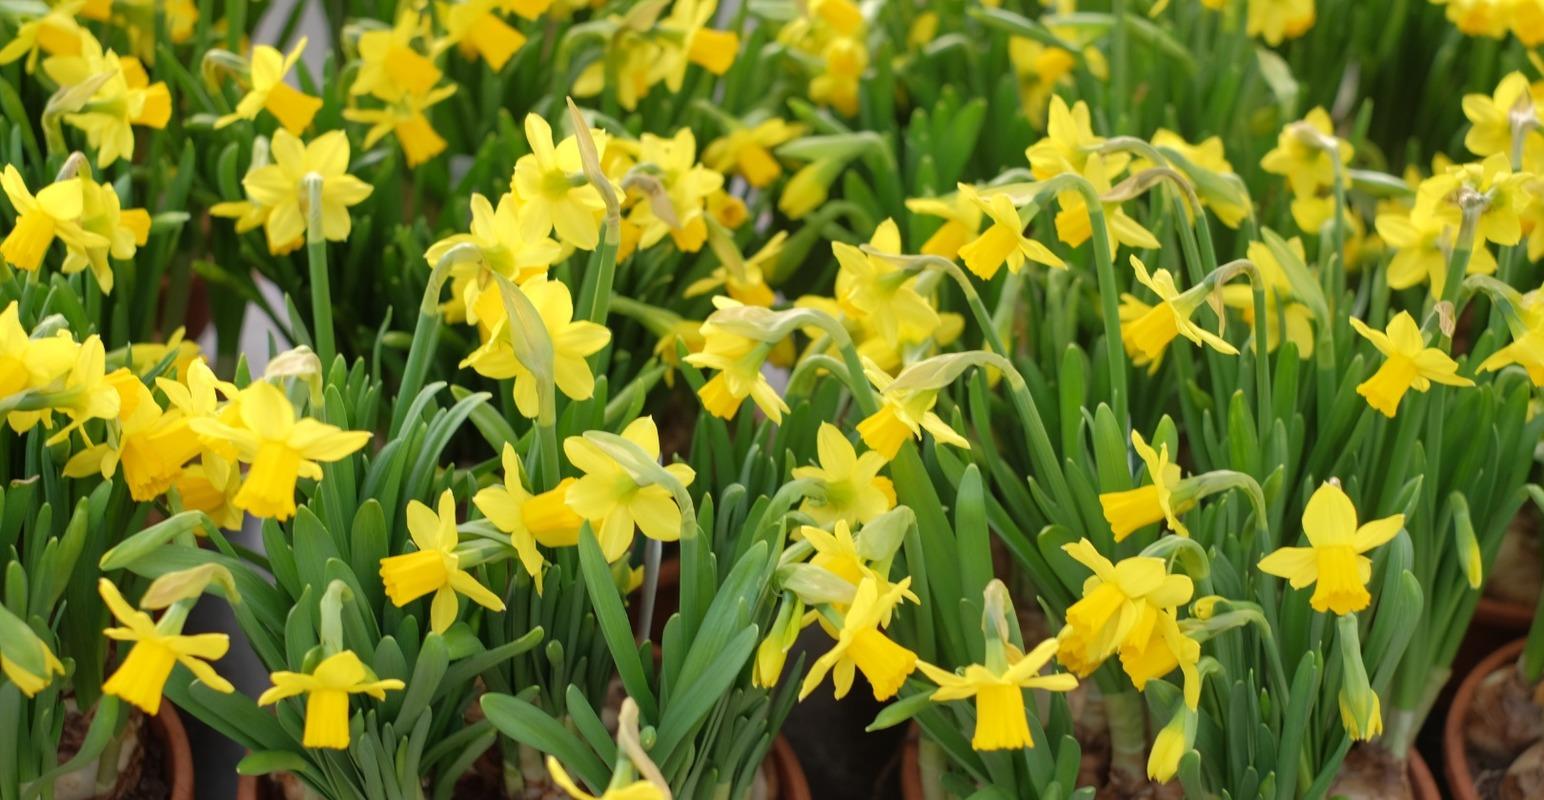 Grossiste fleurs Grenoble, grossiste plantes Grenoble.